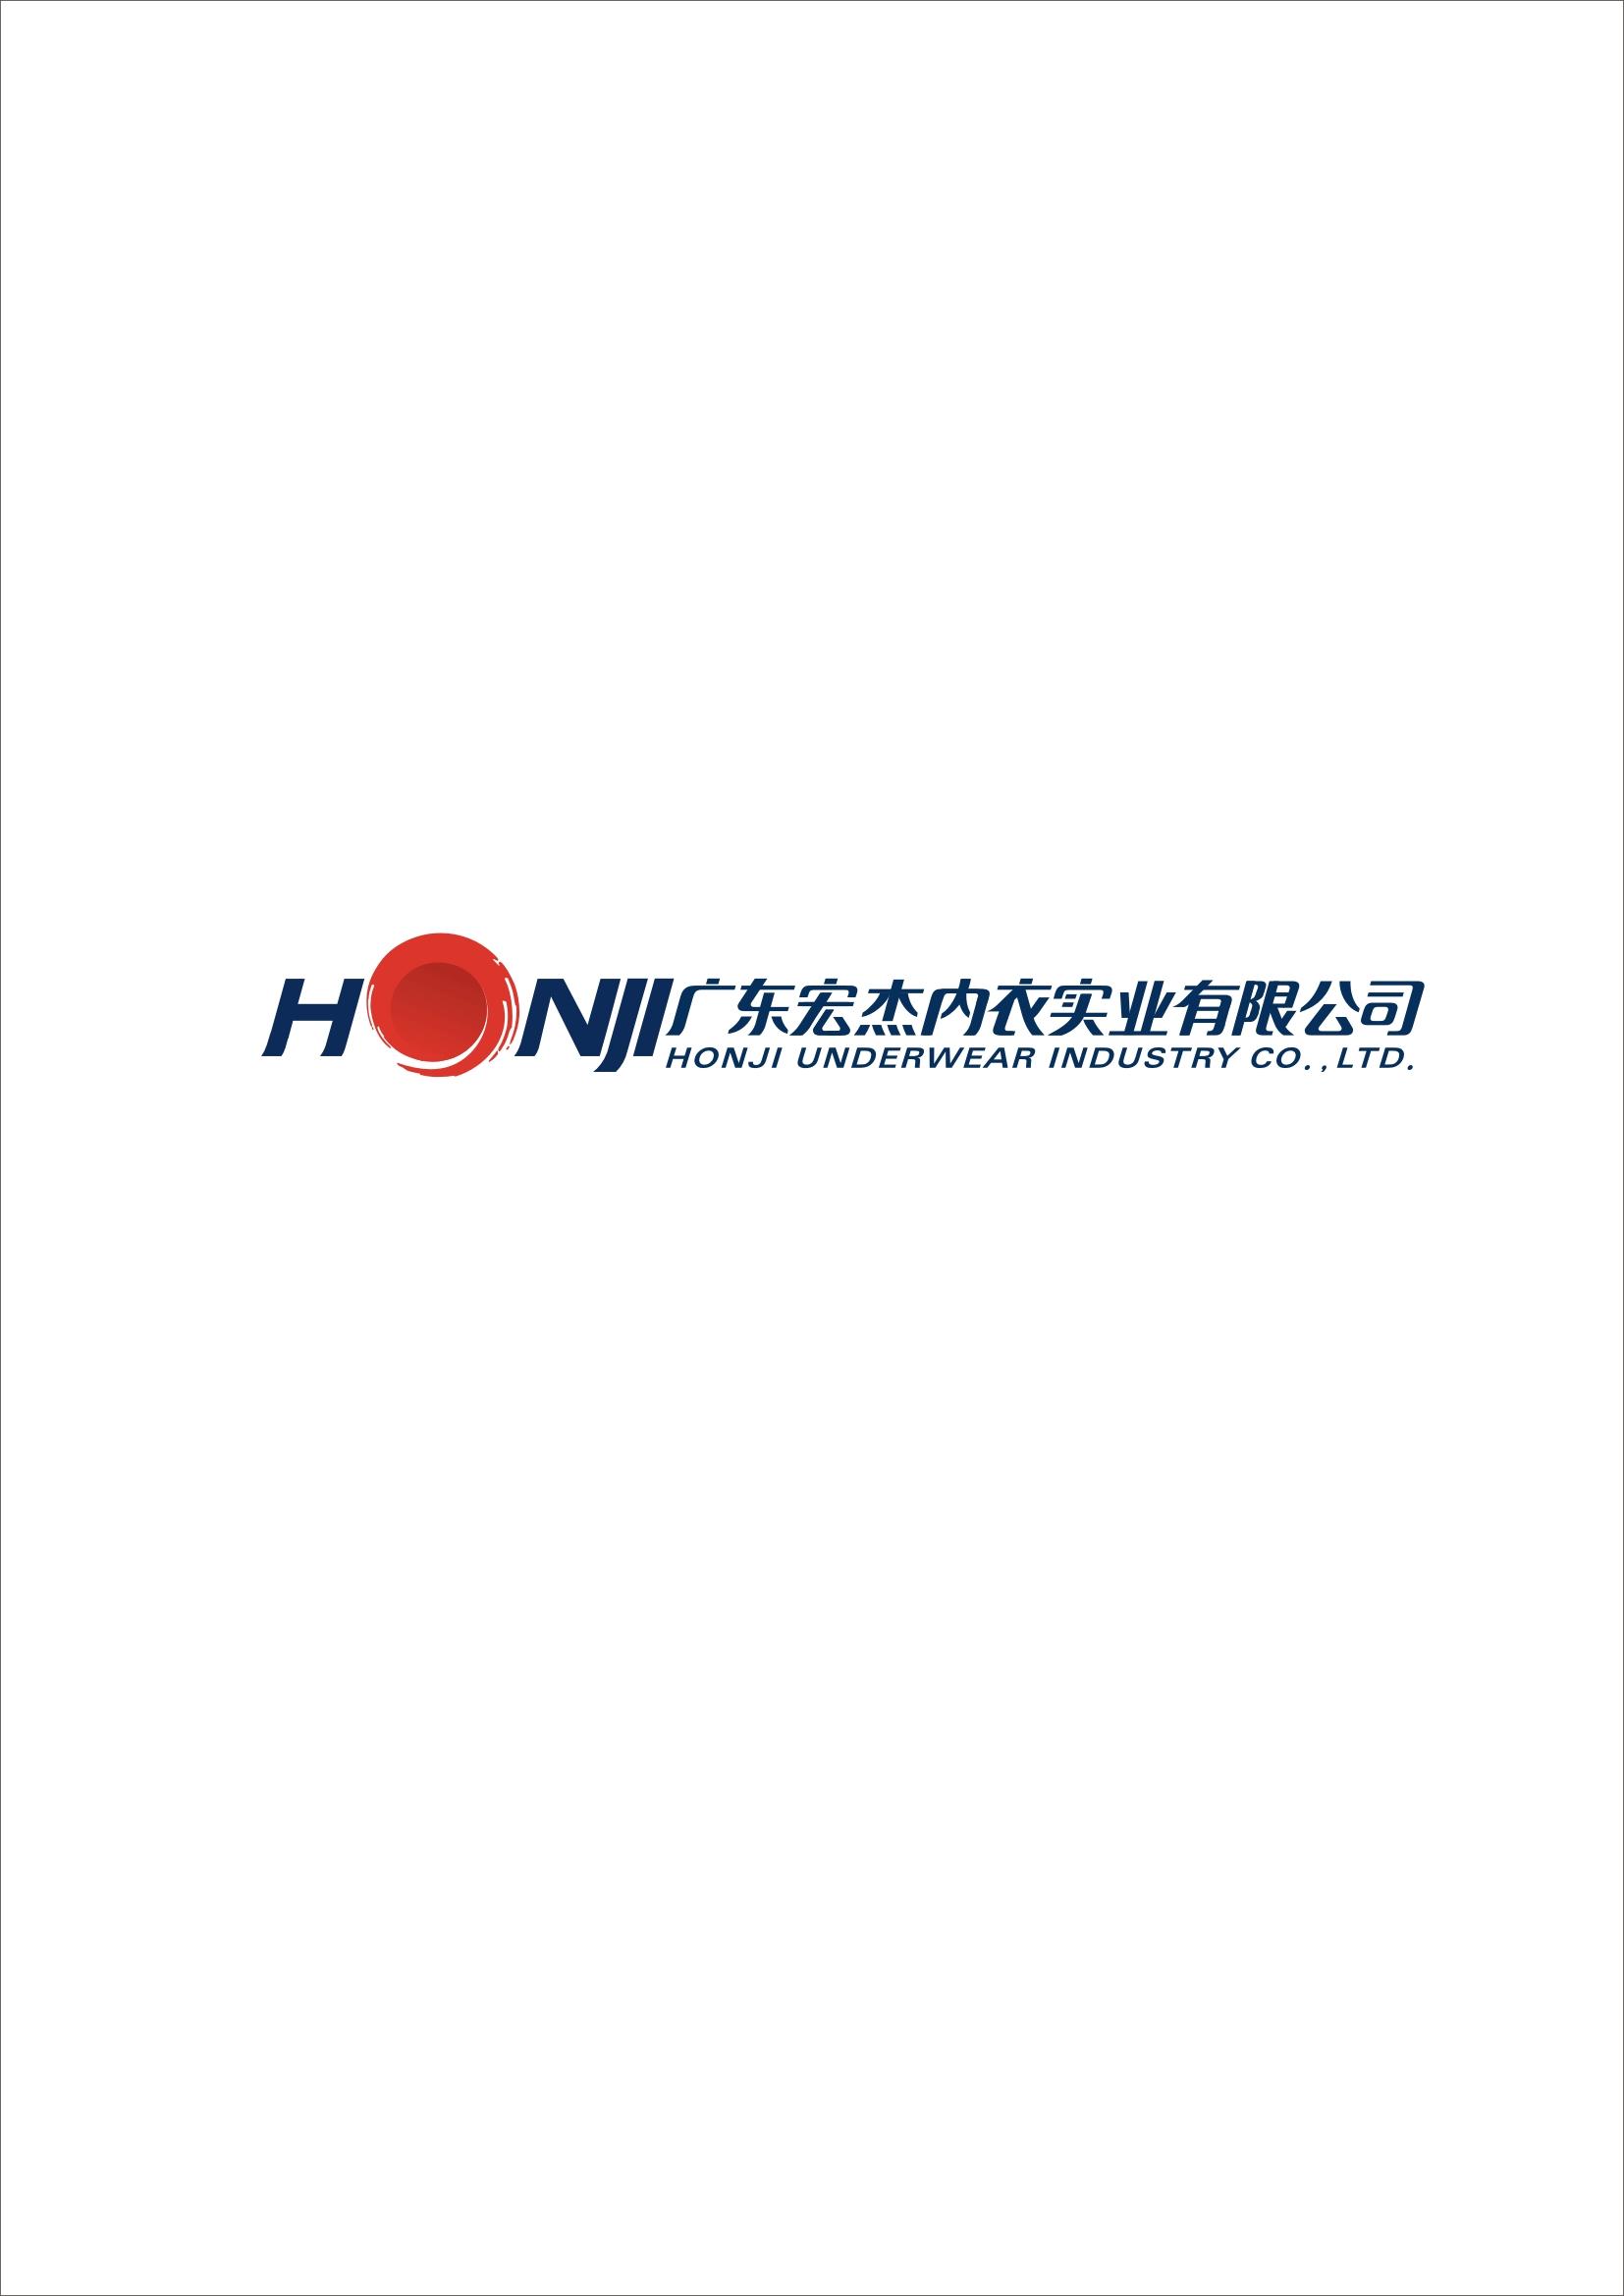 广东宏杰内衣实业有限公司